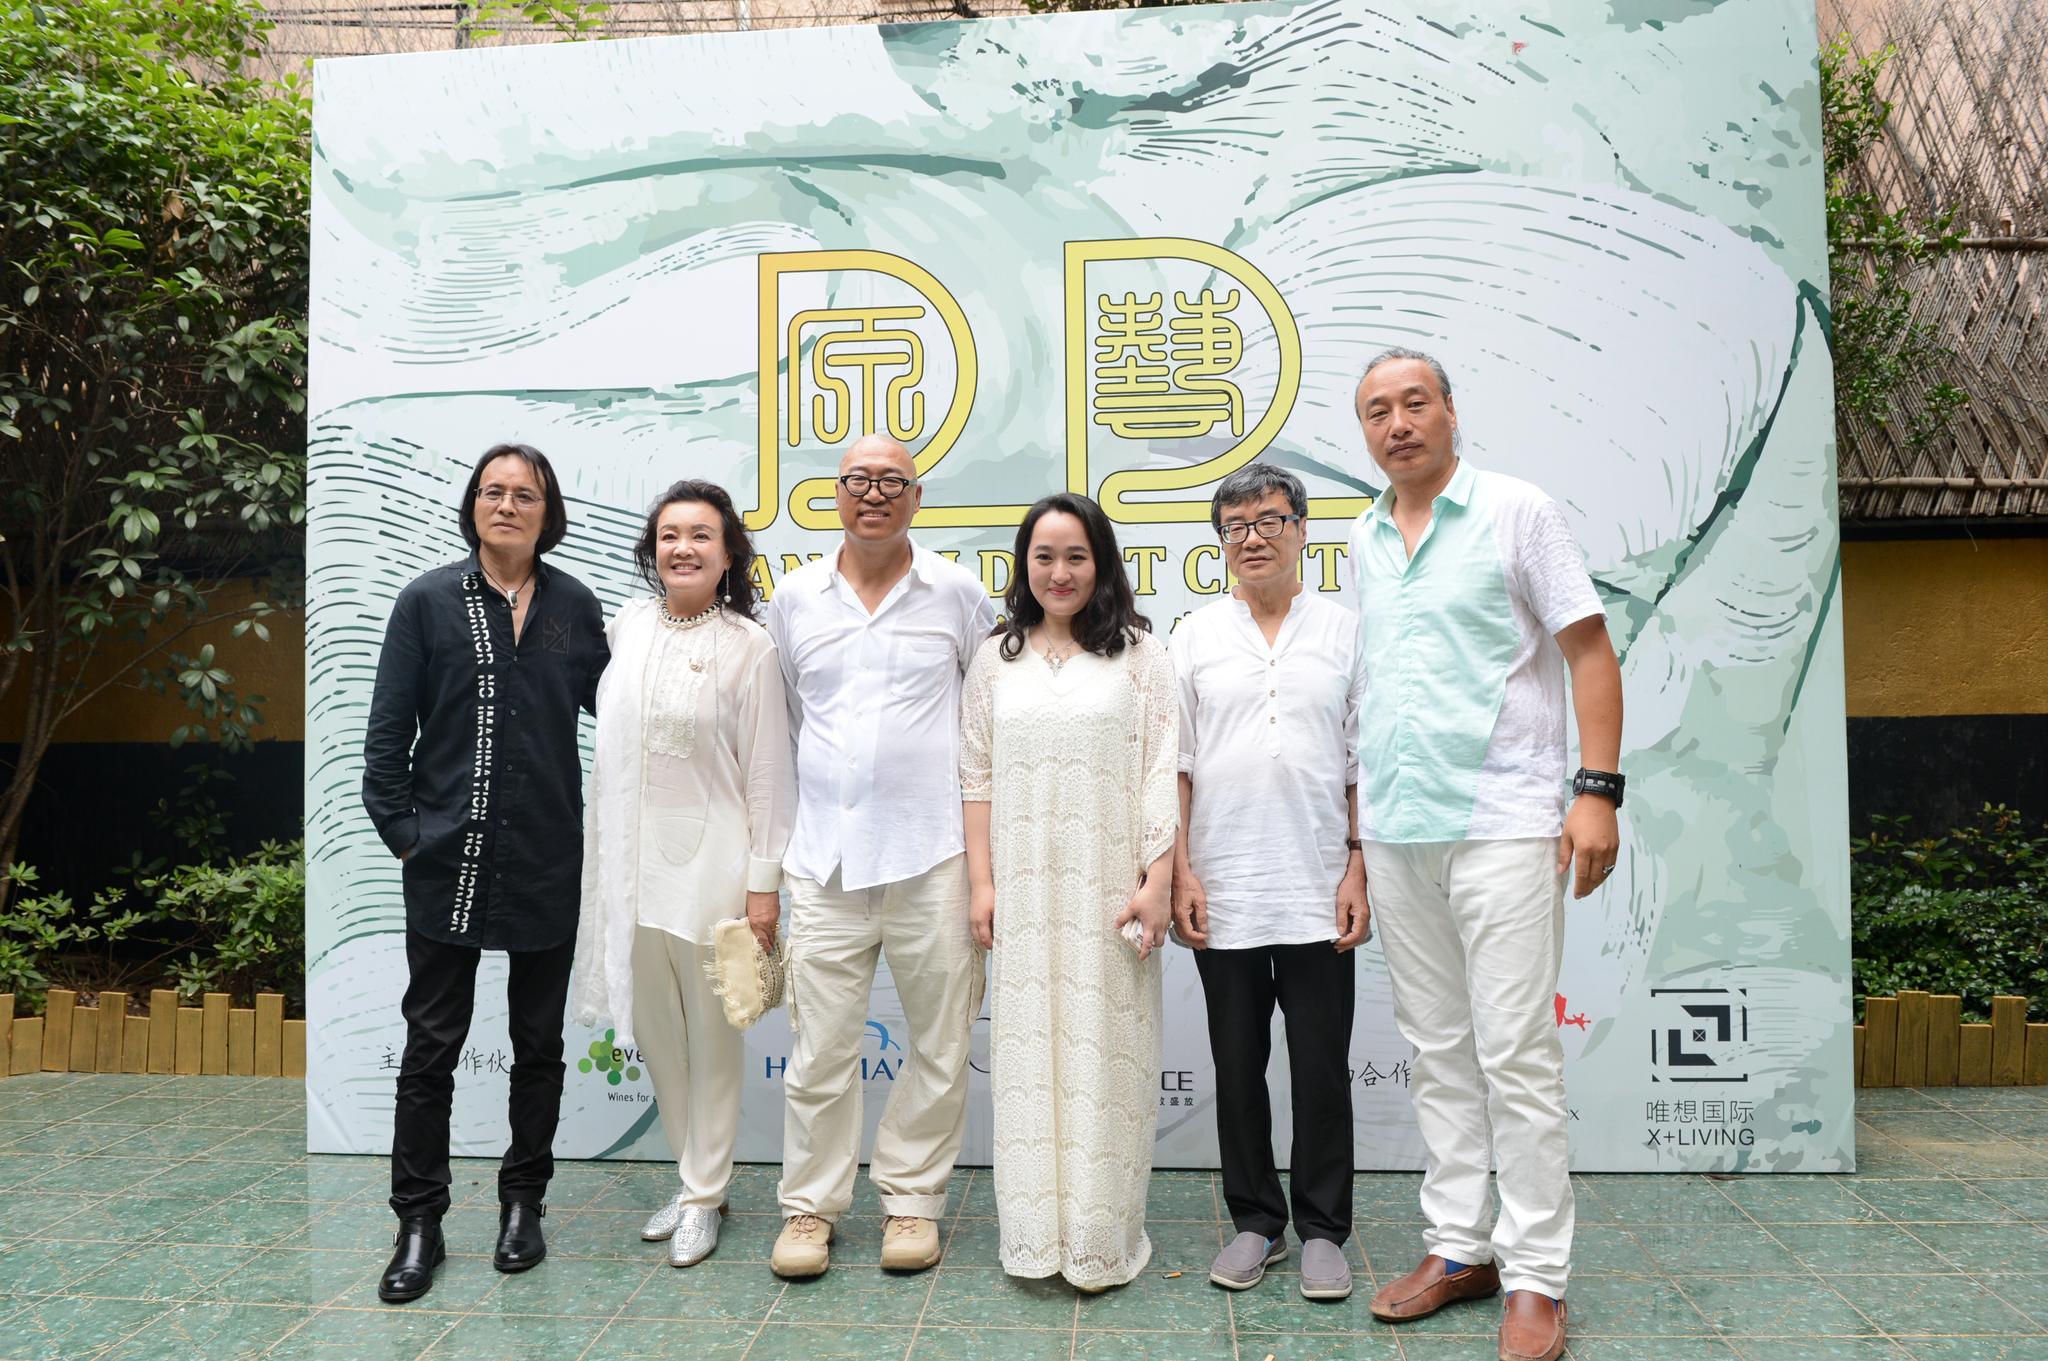 原D艺D混血艺术空间开幕暨首展成功举办